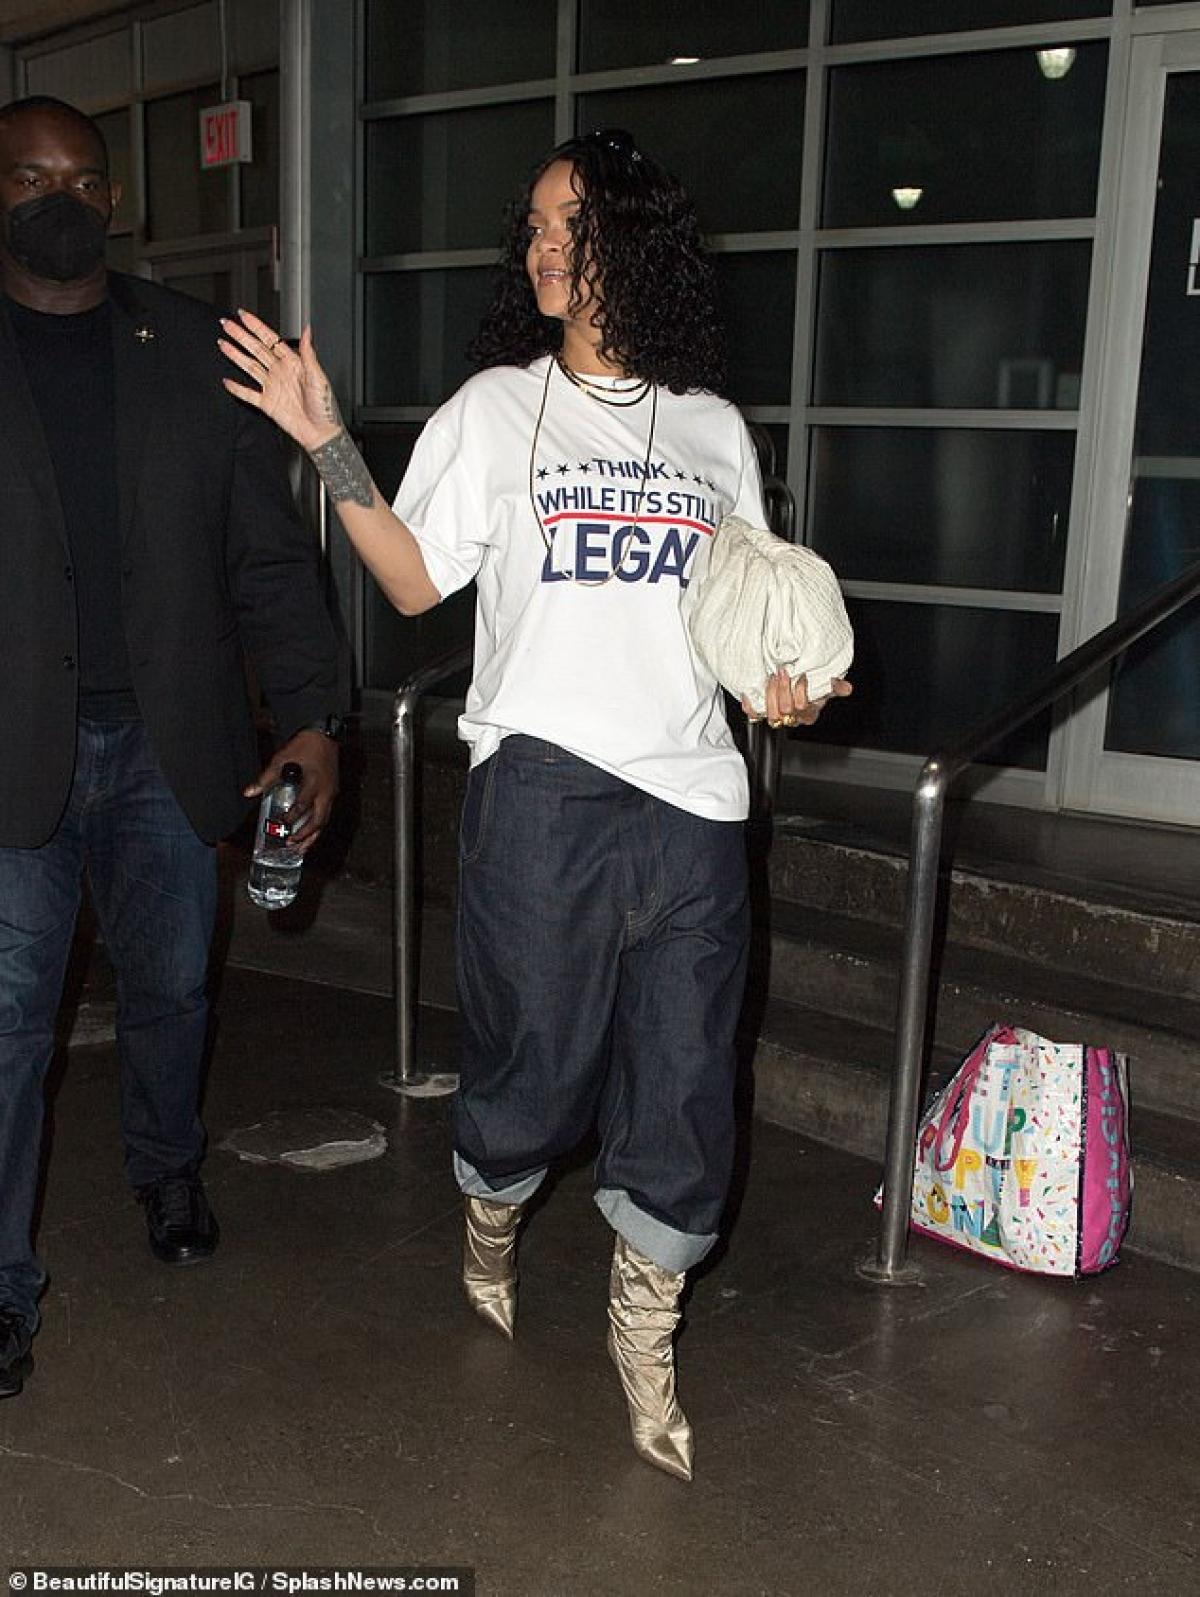 Dù là người nổi tiếng nhưng Rihanna vẫn tự tin để mặt mộc ra phố.